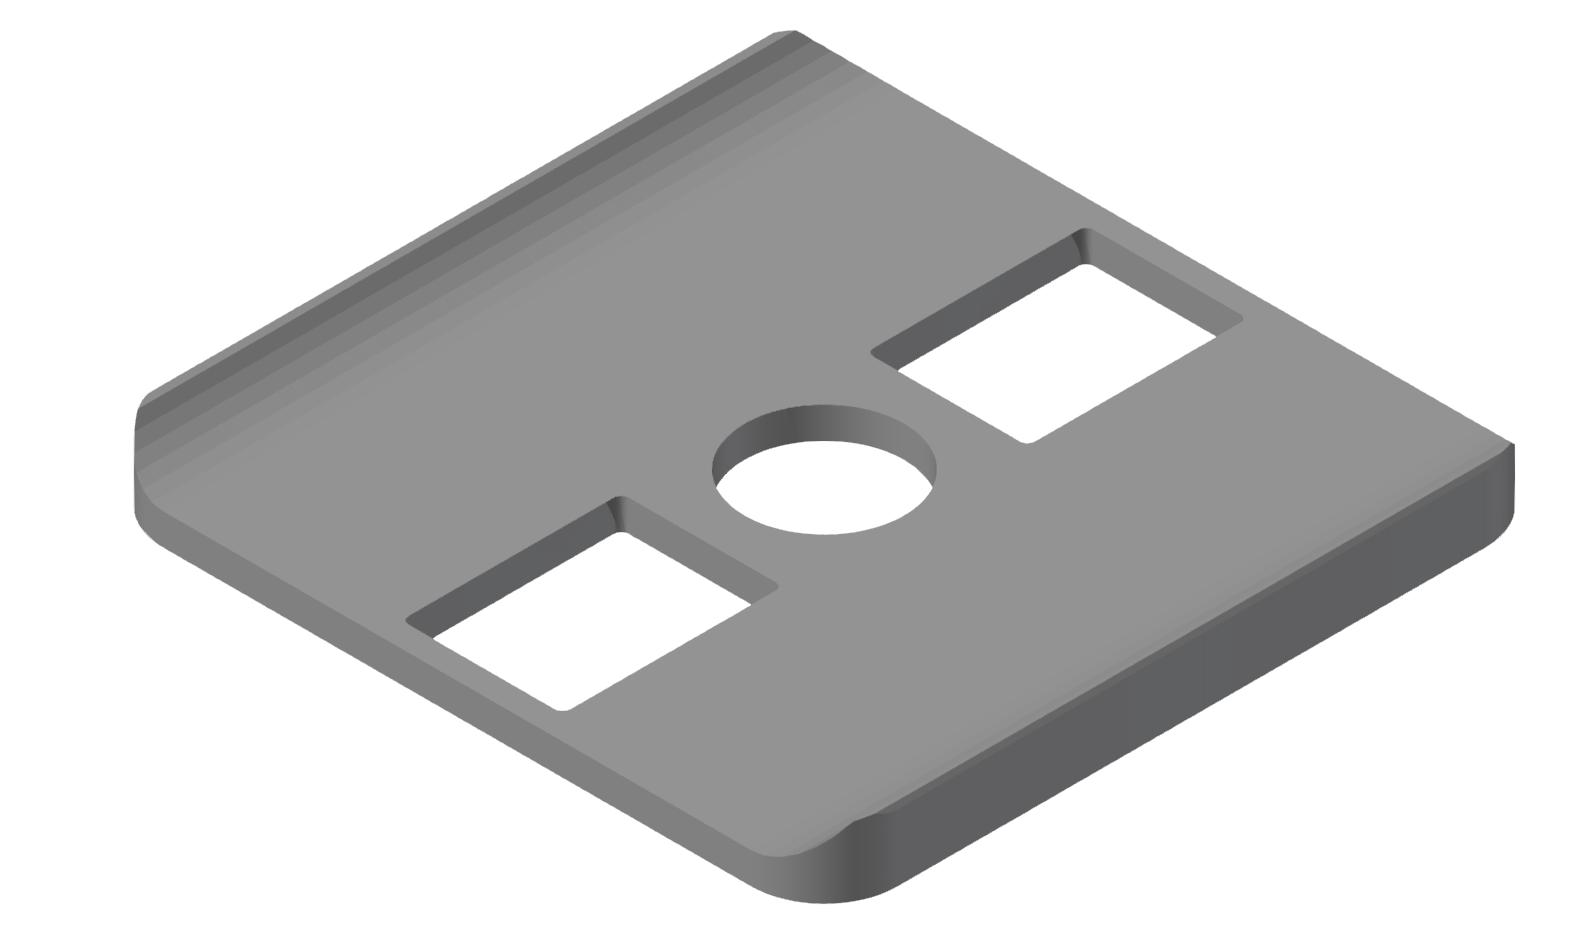 Radien-Dichtung 8 40x40, grau